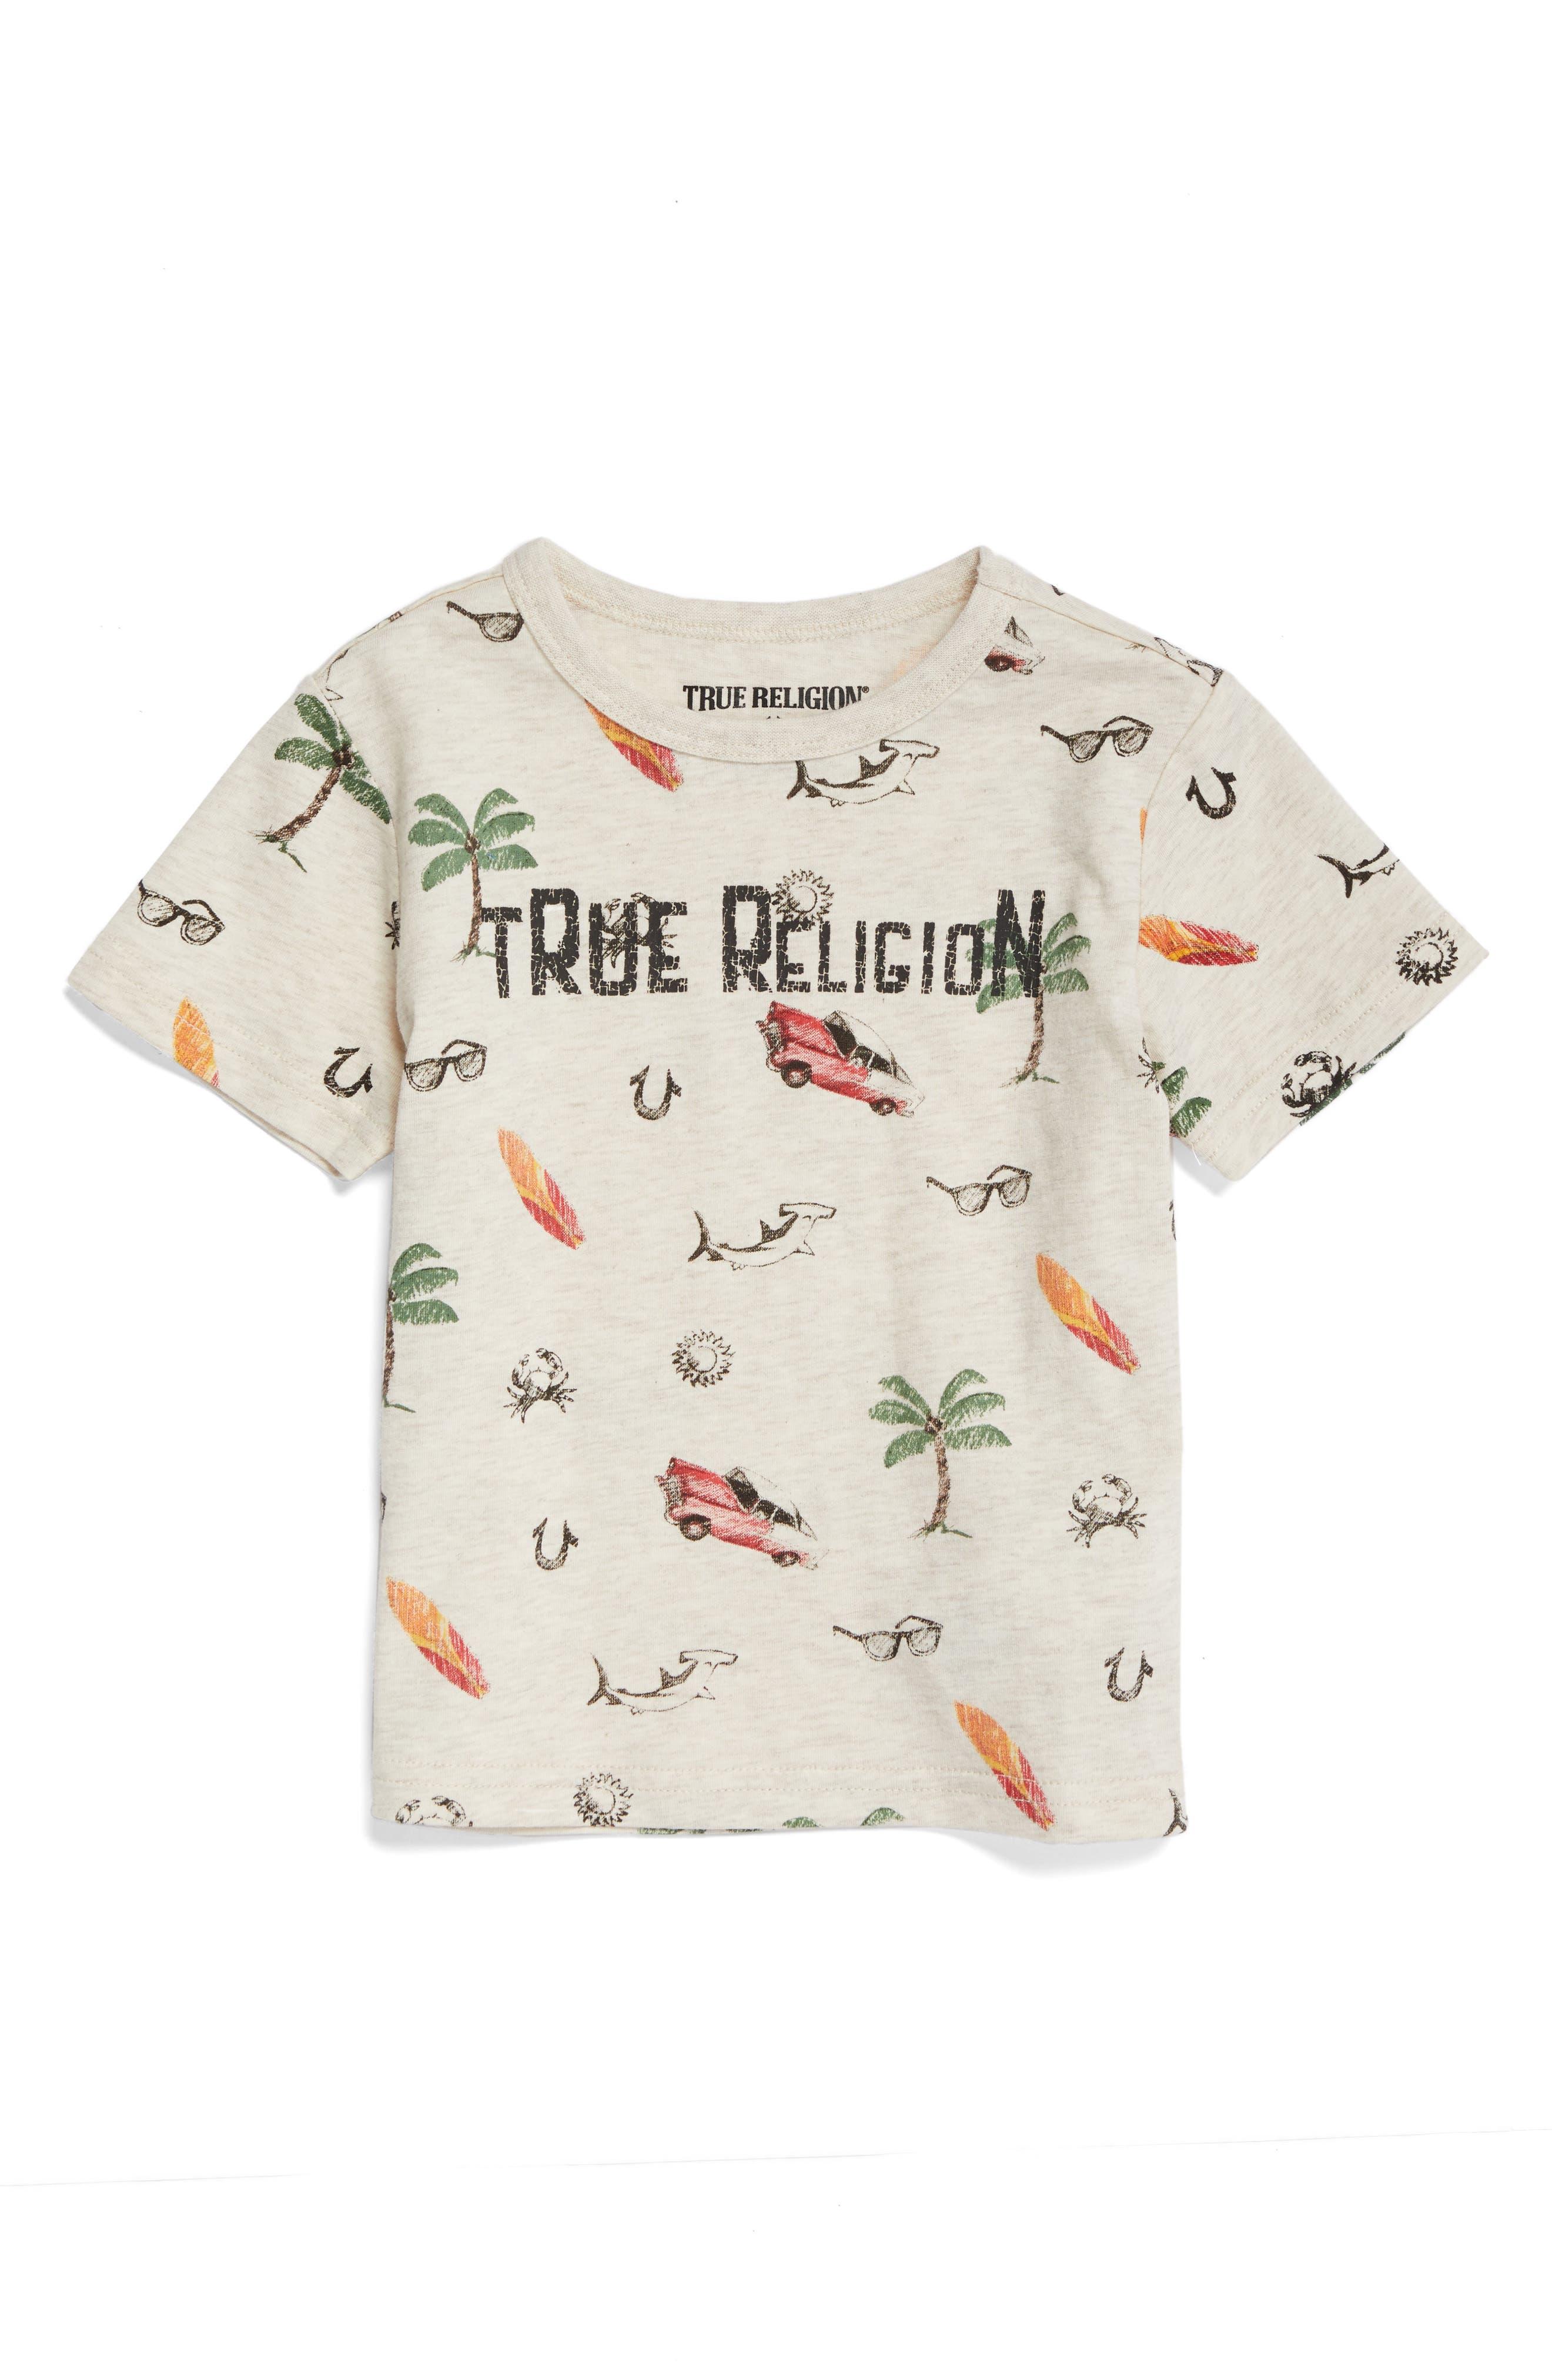 True Religion Retro Doodle T-Shirt,                             Main thumbnail 1, color,                             290